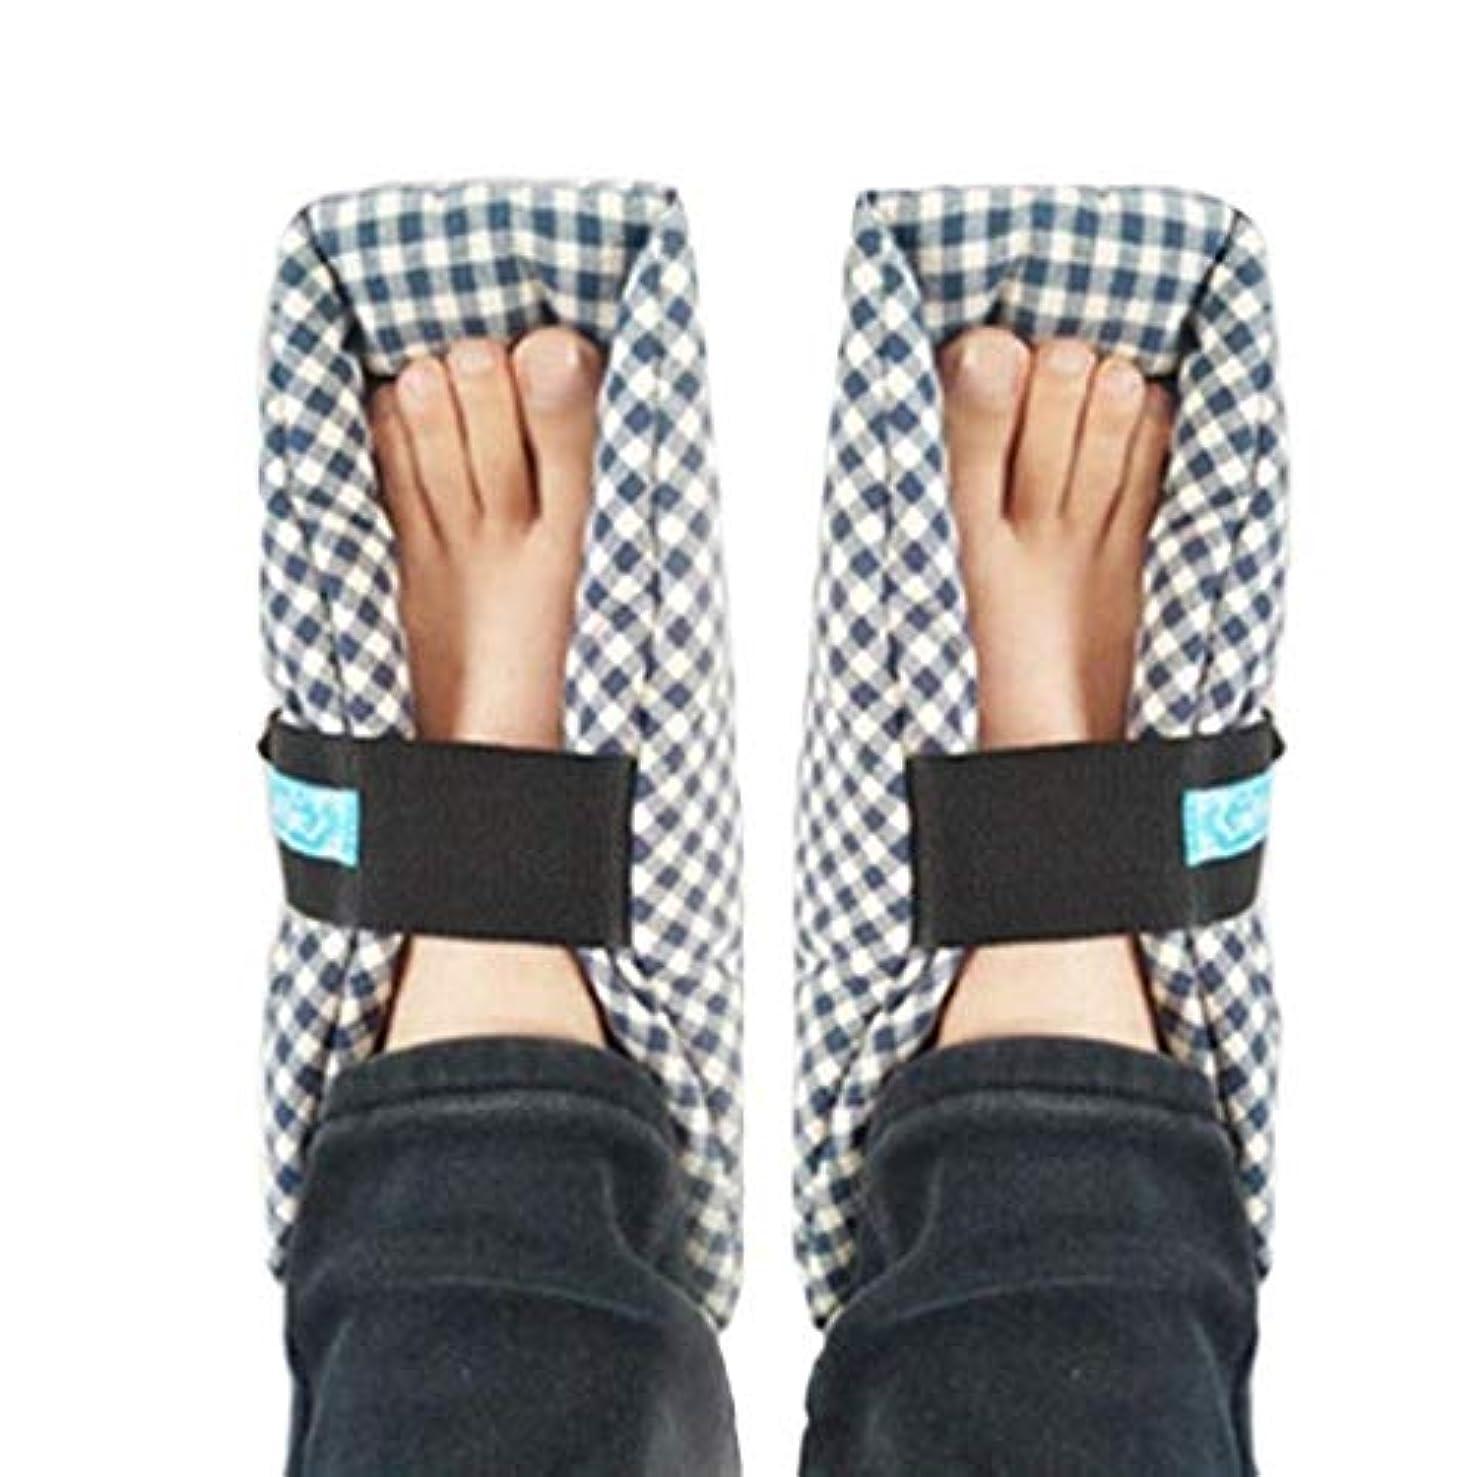 名前を作る反逆少なくともTONGSH 足枕、かかとプロテクター、かかとクッション、かかと保護、効果的な、瘡およびかかと潰瘍の救済、腫れた足に最適、快適なかかと保護足枕、1組、格子縞